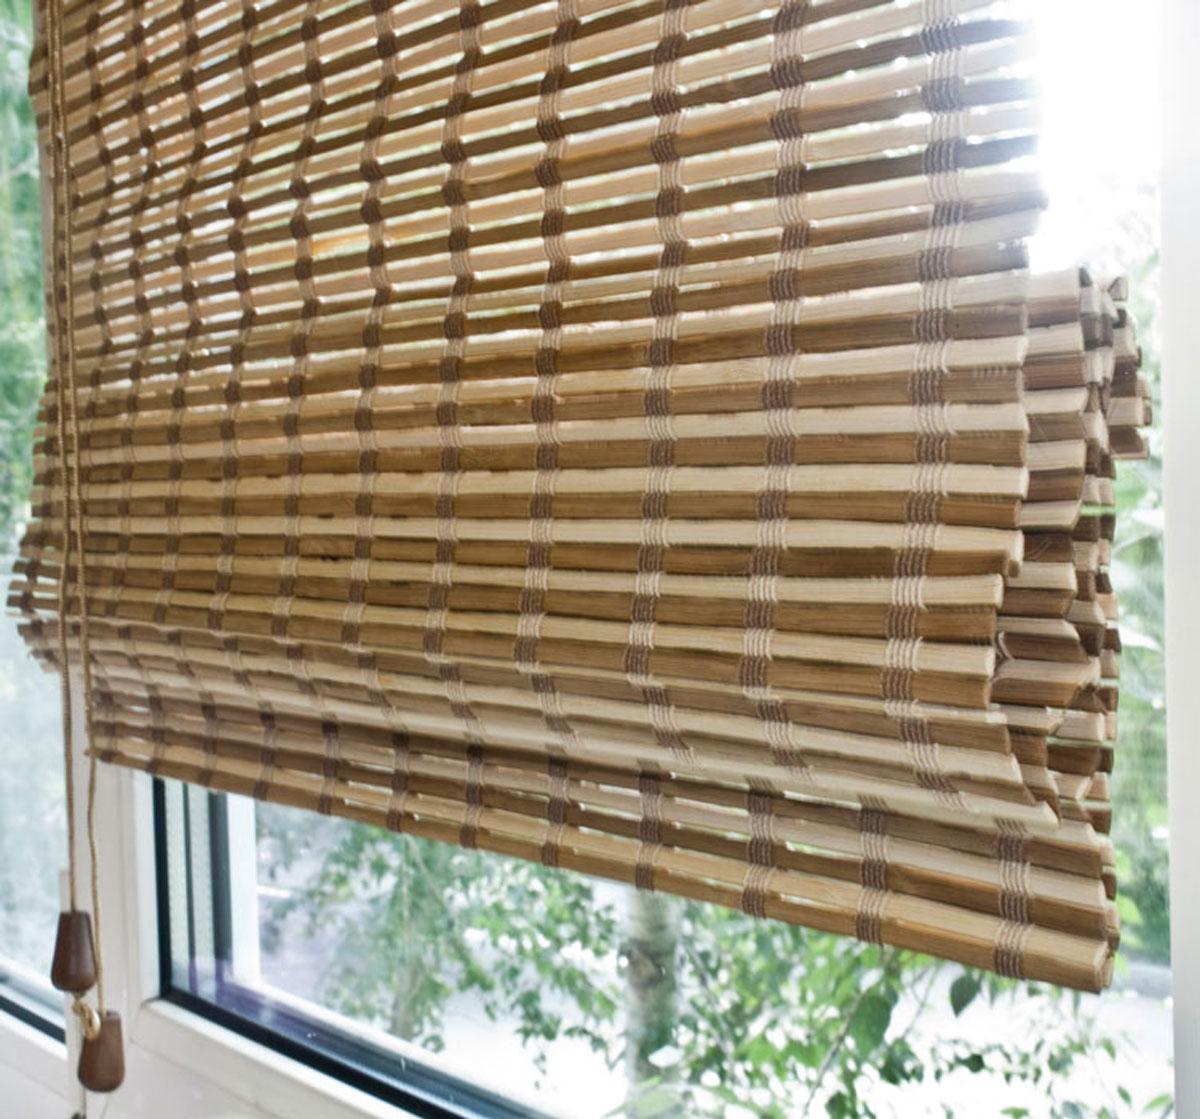 Римская штора Эскар, бамбуковая, цвет: коричневый, бежевый, ширина 160 см, высота 160 см72959160160Римская штора Эскар, выполненная из натурального бамбука, является оригинальным современным аксессуаром для создания необычного интерьера в восточном или минималистичном стиле. Римская бамбуковая штора, как и тканевая римская штора, при поднятии образует крупные складки, которые прекрасно декорируют окно. Особенность устройства полотна позволяет свободно пропускать дневной свет, что обеспечивает мягкое освещение комнаты. Римская штора из натурального влагоустойчивого материала легко вписывается в любой интерьер, хорошо сочетается с различной мебелью и элементами отделки. Использование бамбукового полотна придает помещению необычный вид и визуально расширяет пространство. Бамбуковые шторы требуют только сухого ухода: пылесосом, щеткой, веником или влажной (но не мокрой!) губкой. Комплект для монтажа прилагается.